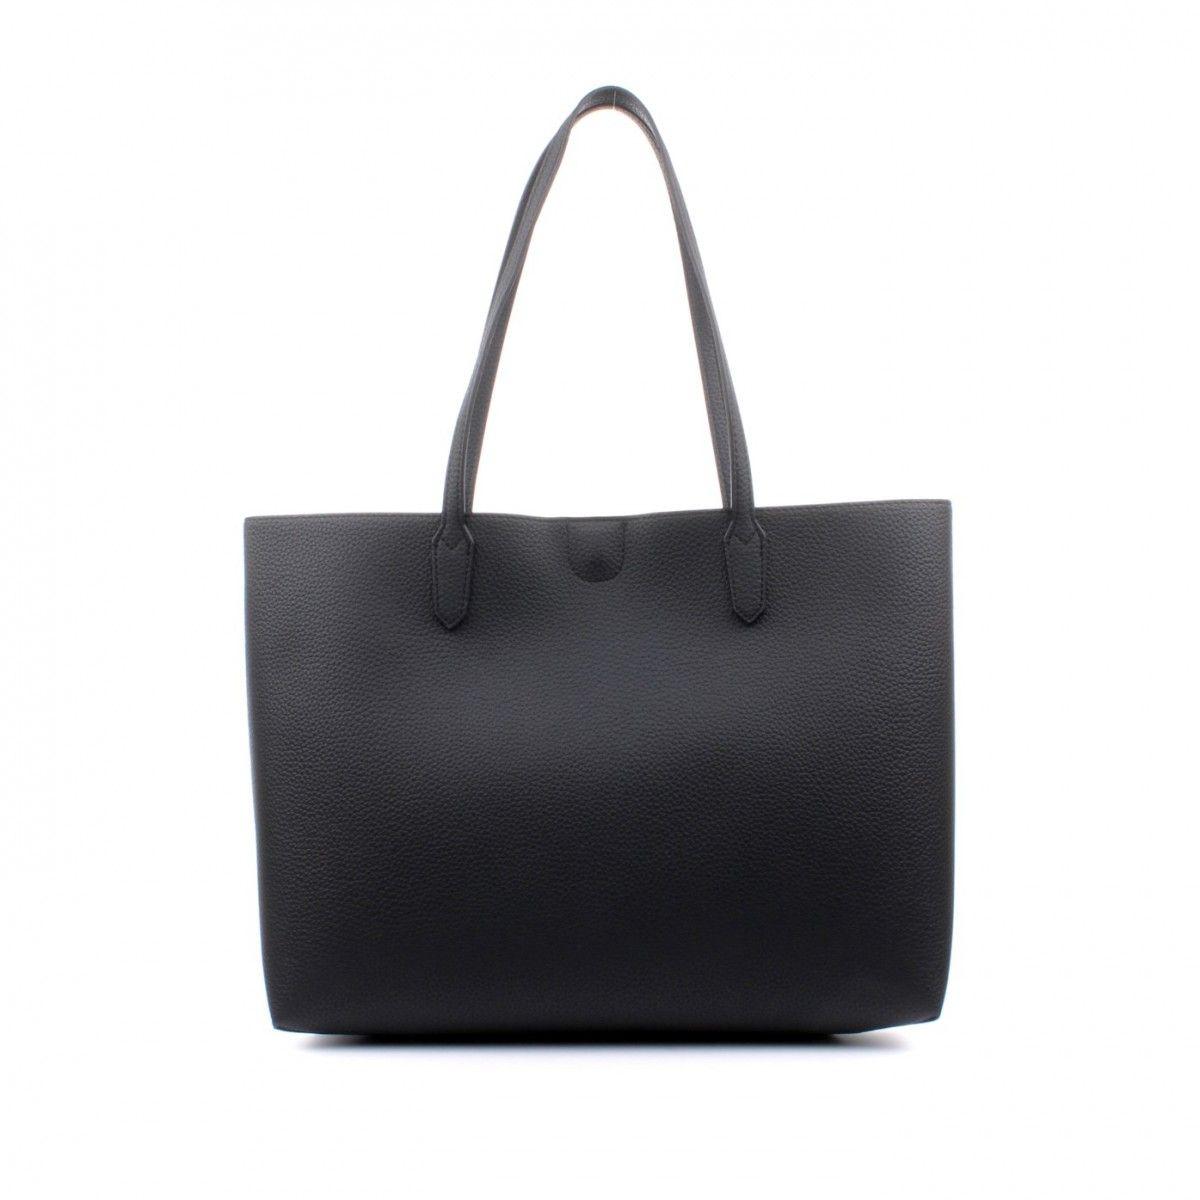 prezzo basso meglio dove posso comprare borsa guess nera